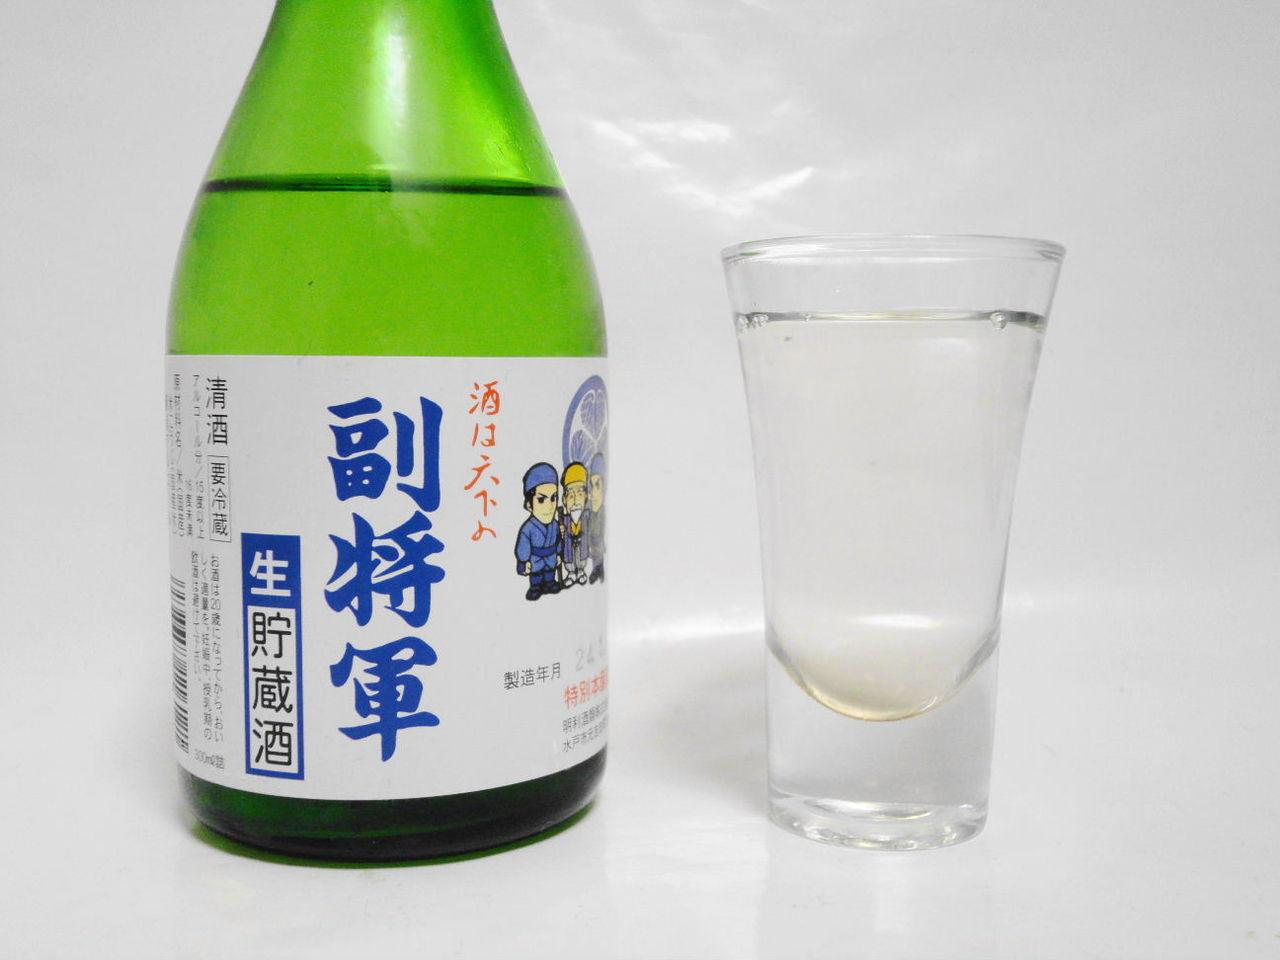 http://livedoor.blogimg.jp/philly820/imgs/1/b/1b8ecf2d.jpg